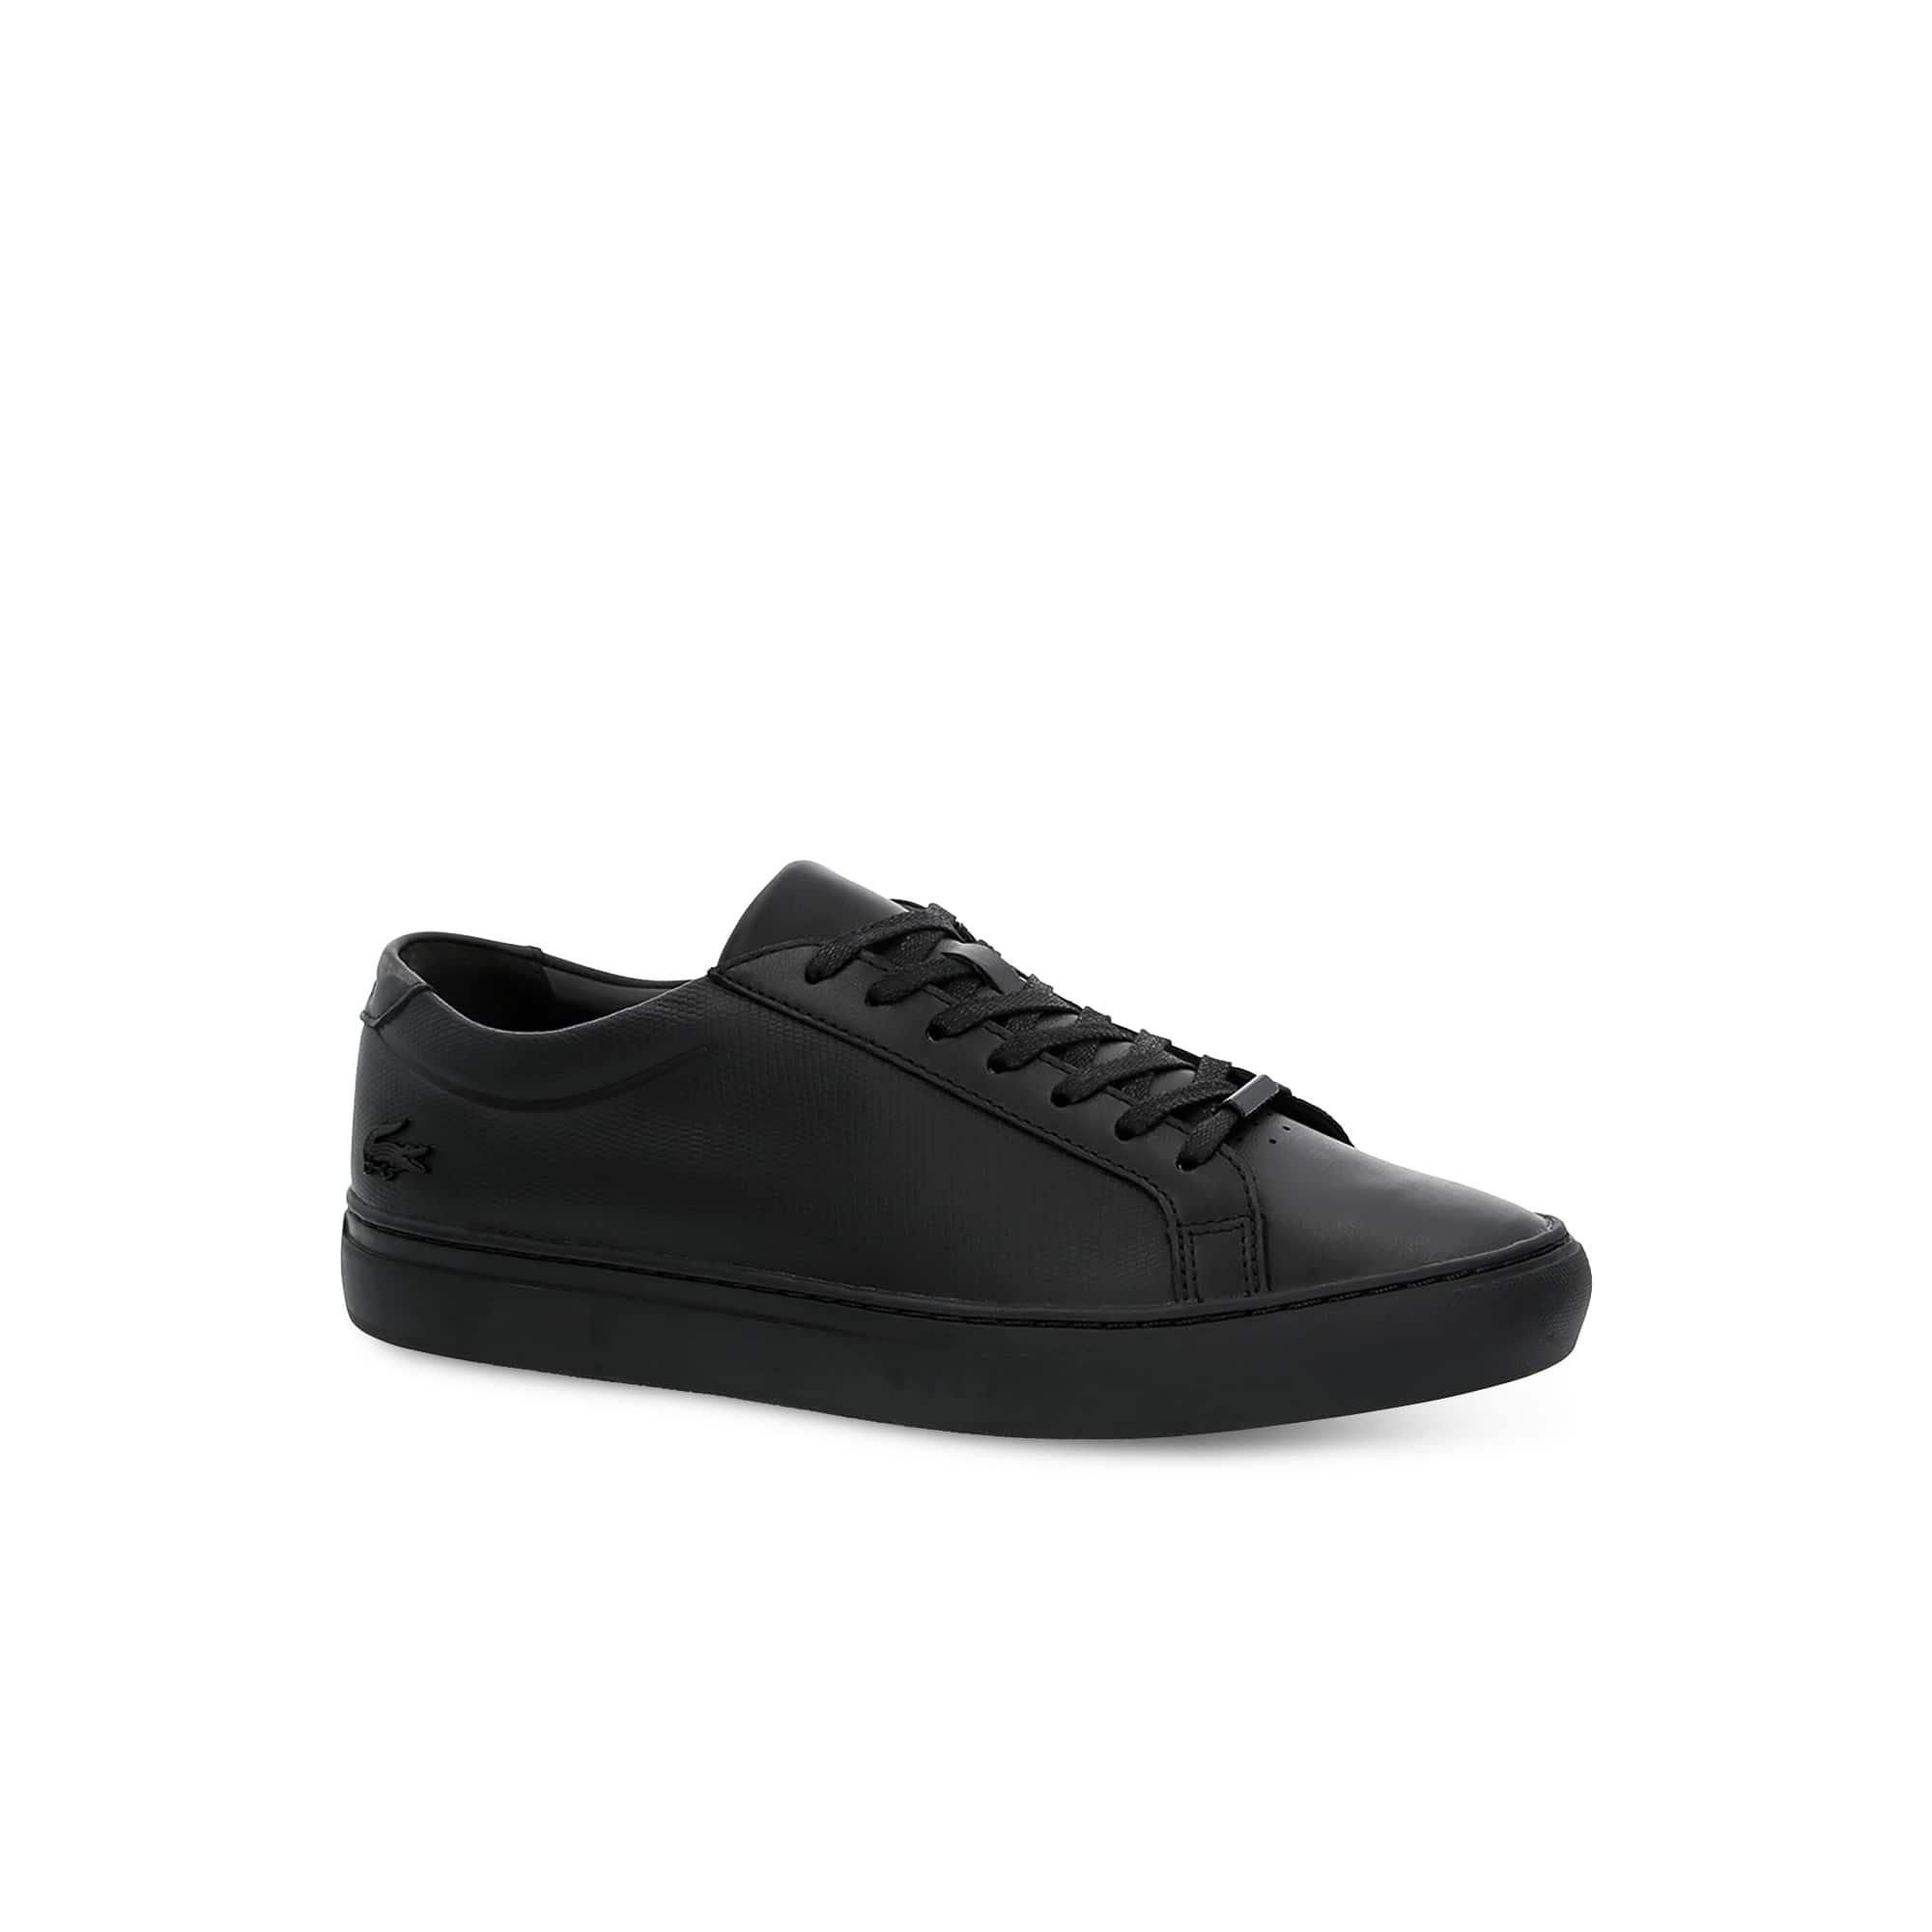 ad514959a614eb Men s Shoes